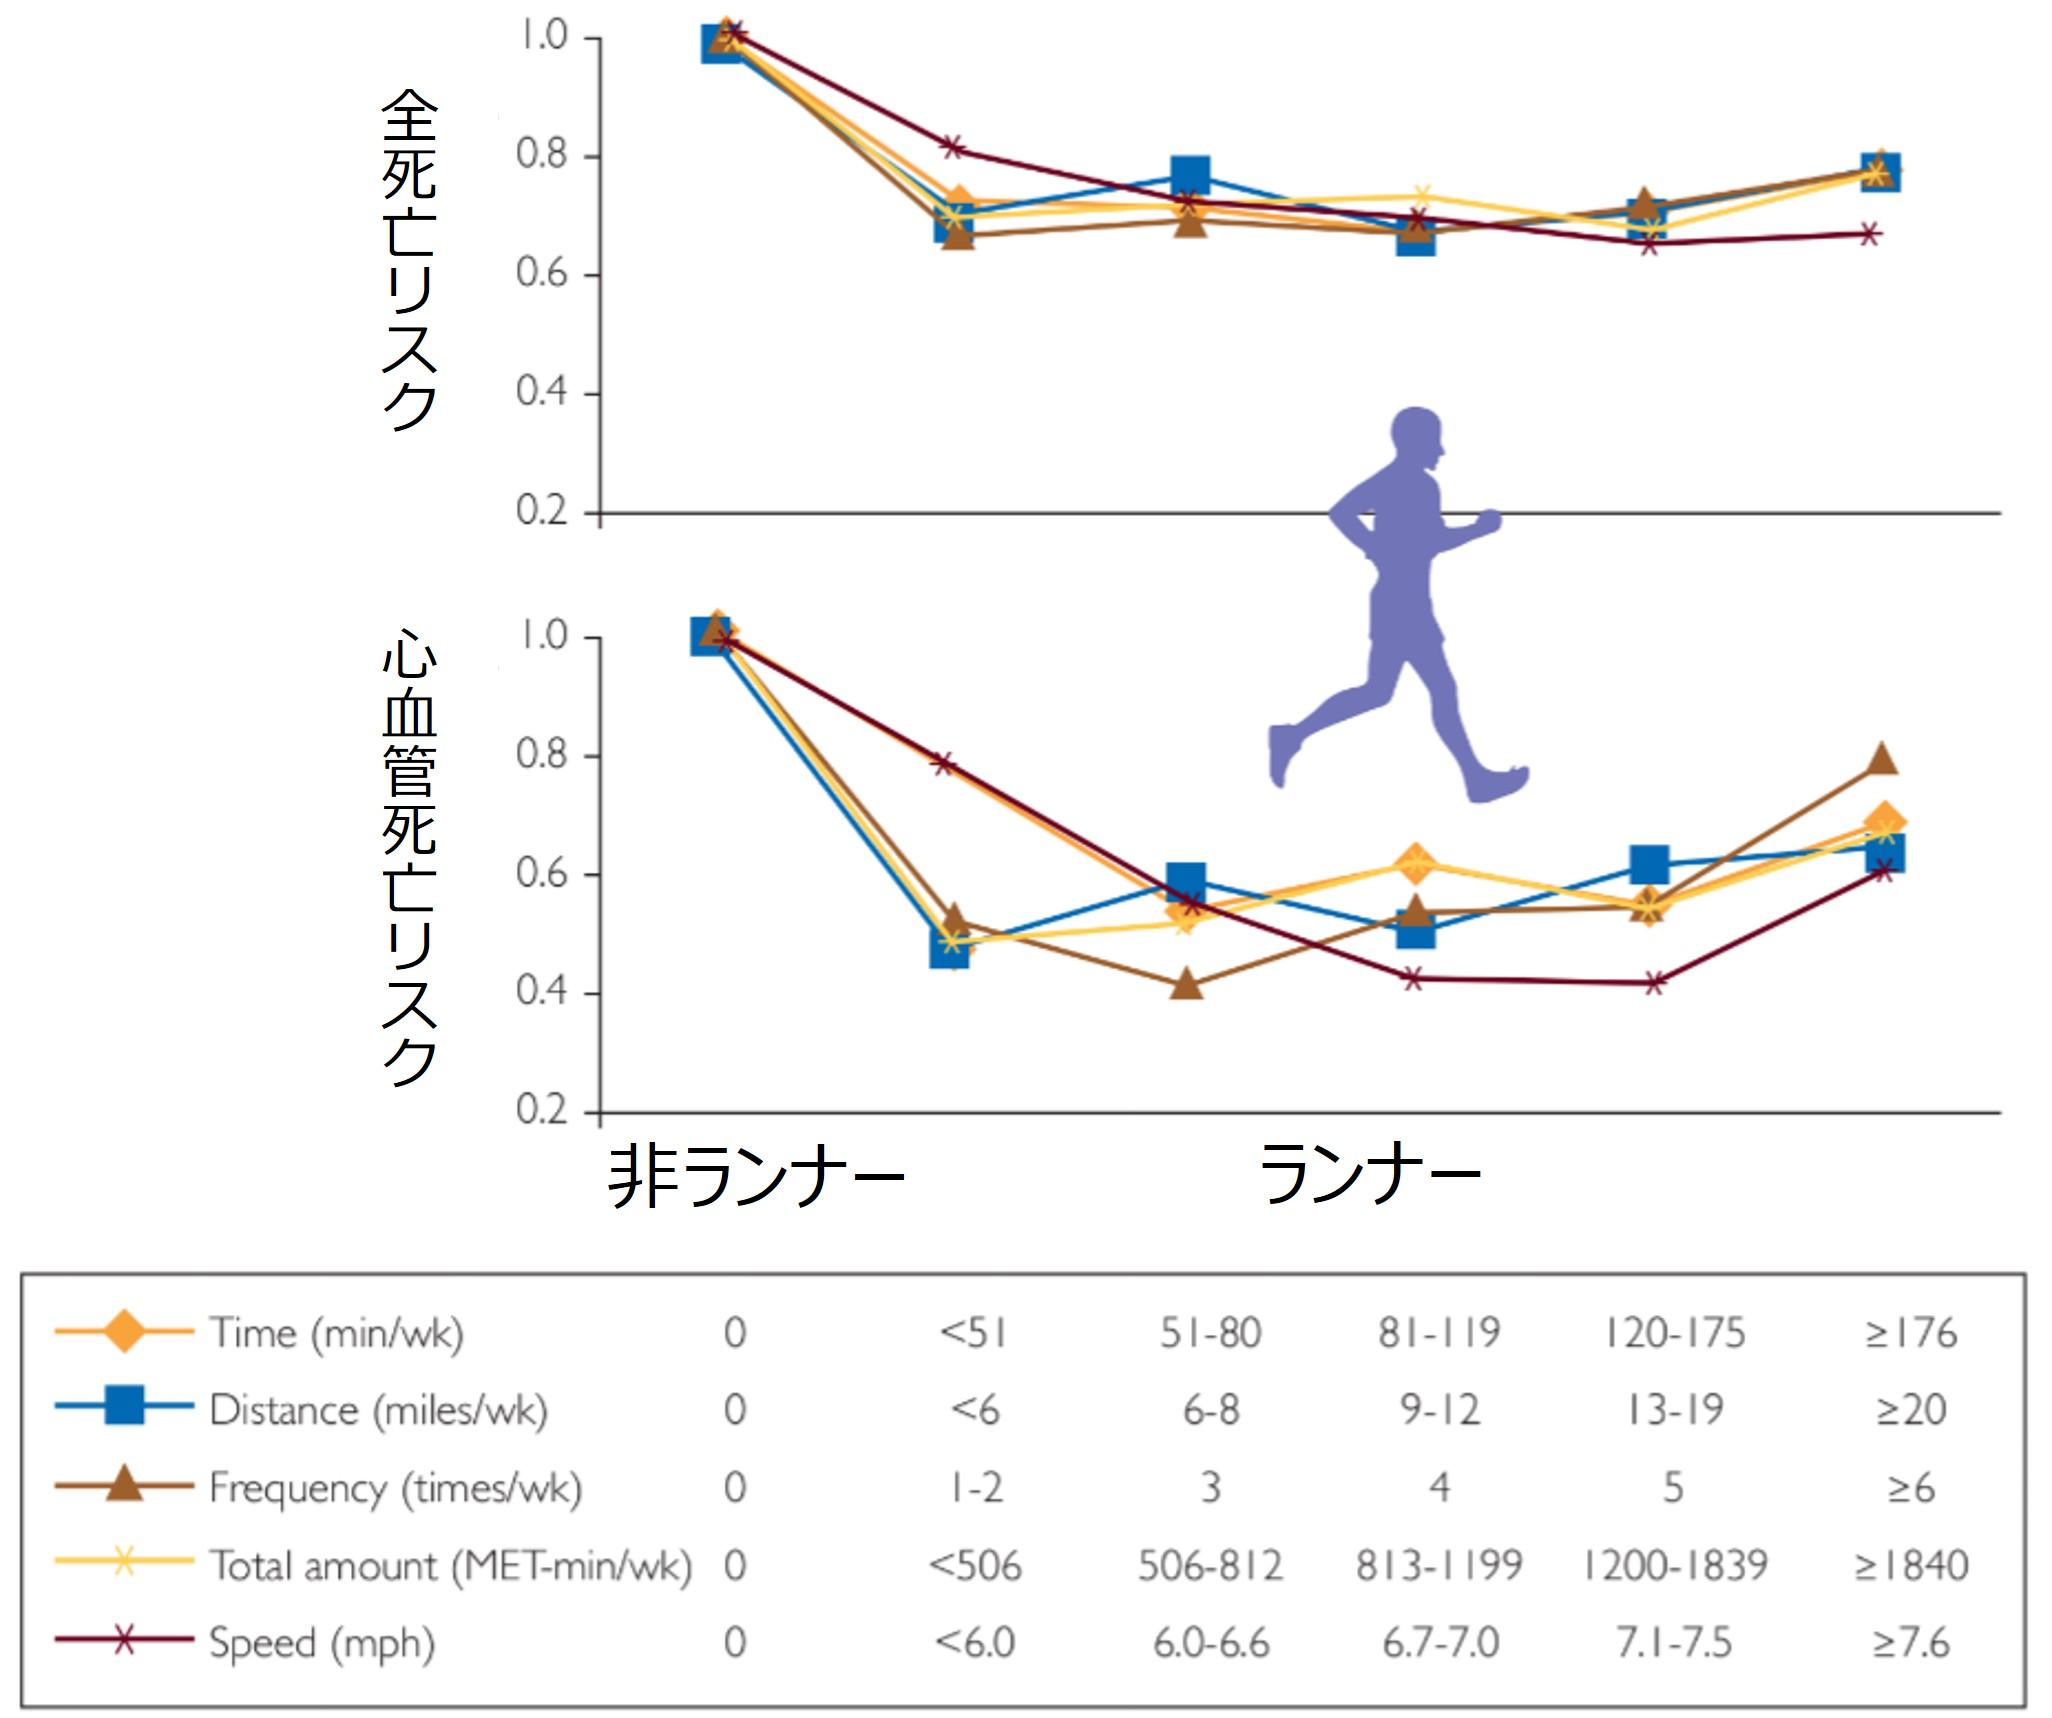 マラソン ランナー 死亡リスク